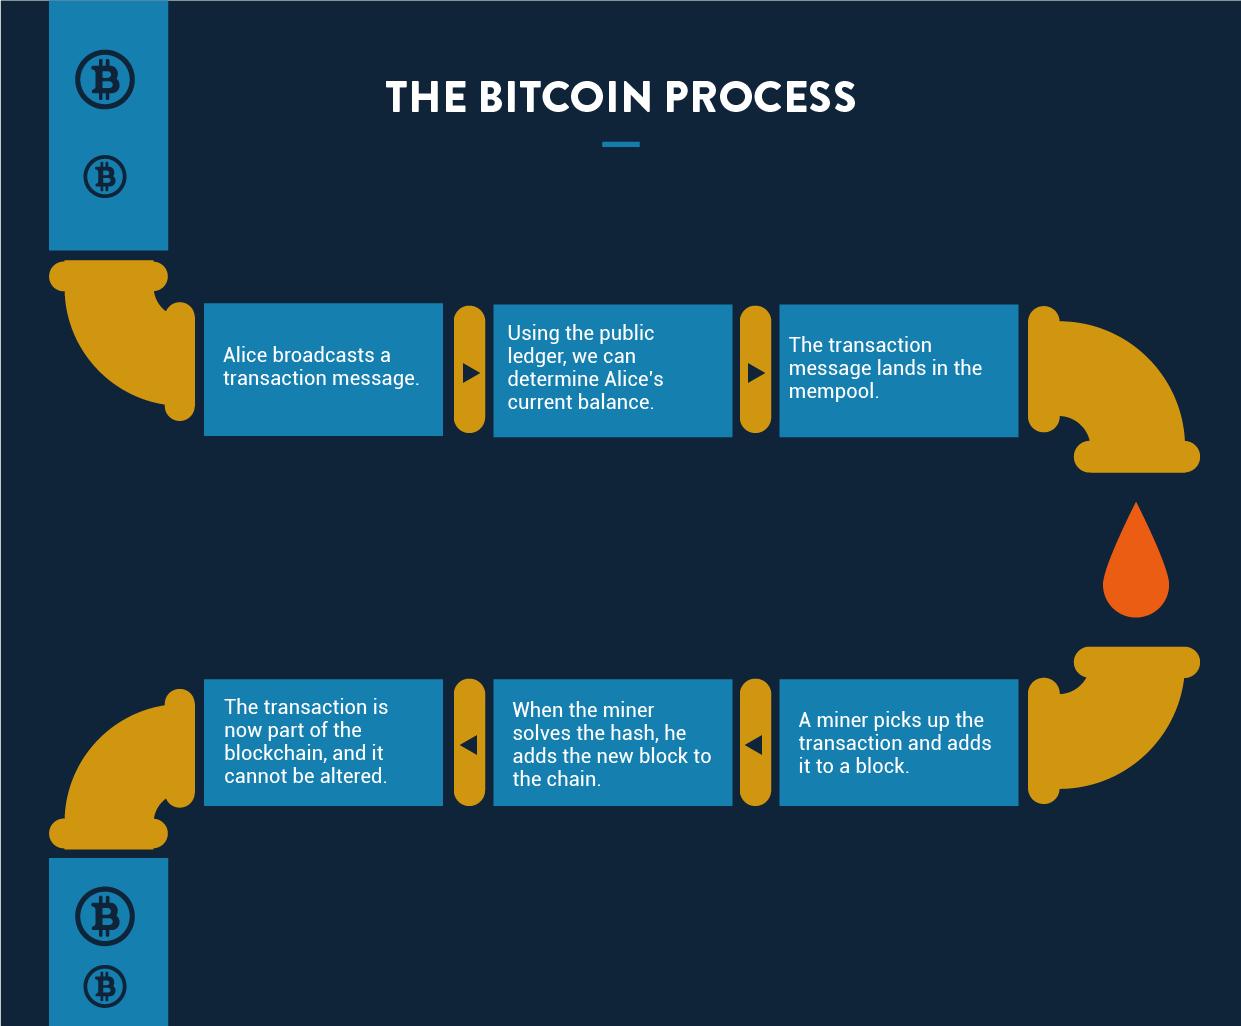 bitcoin trading ltd sti bitcoinul ecdsa